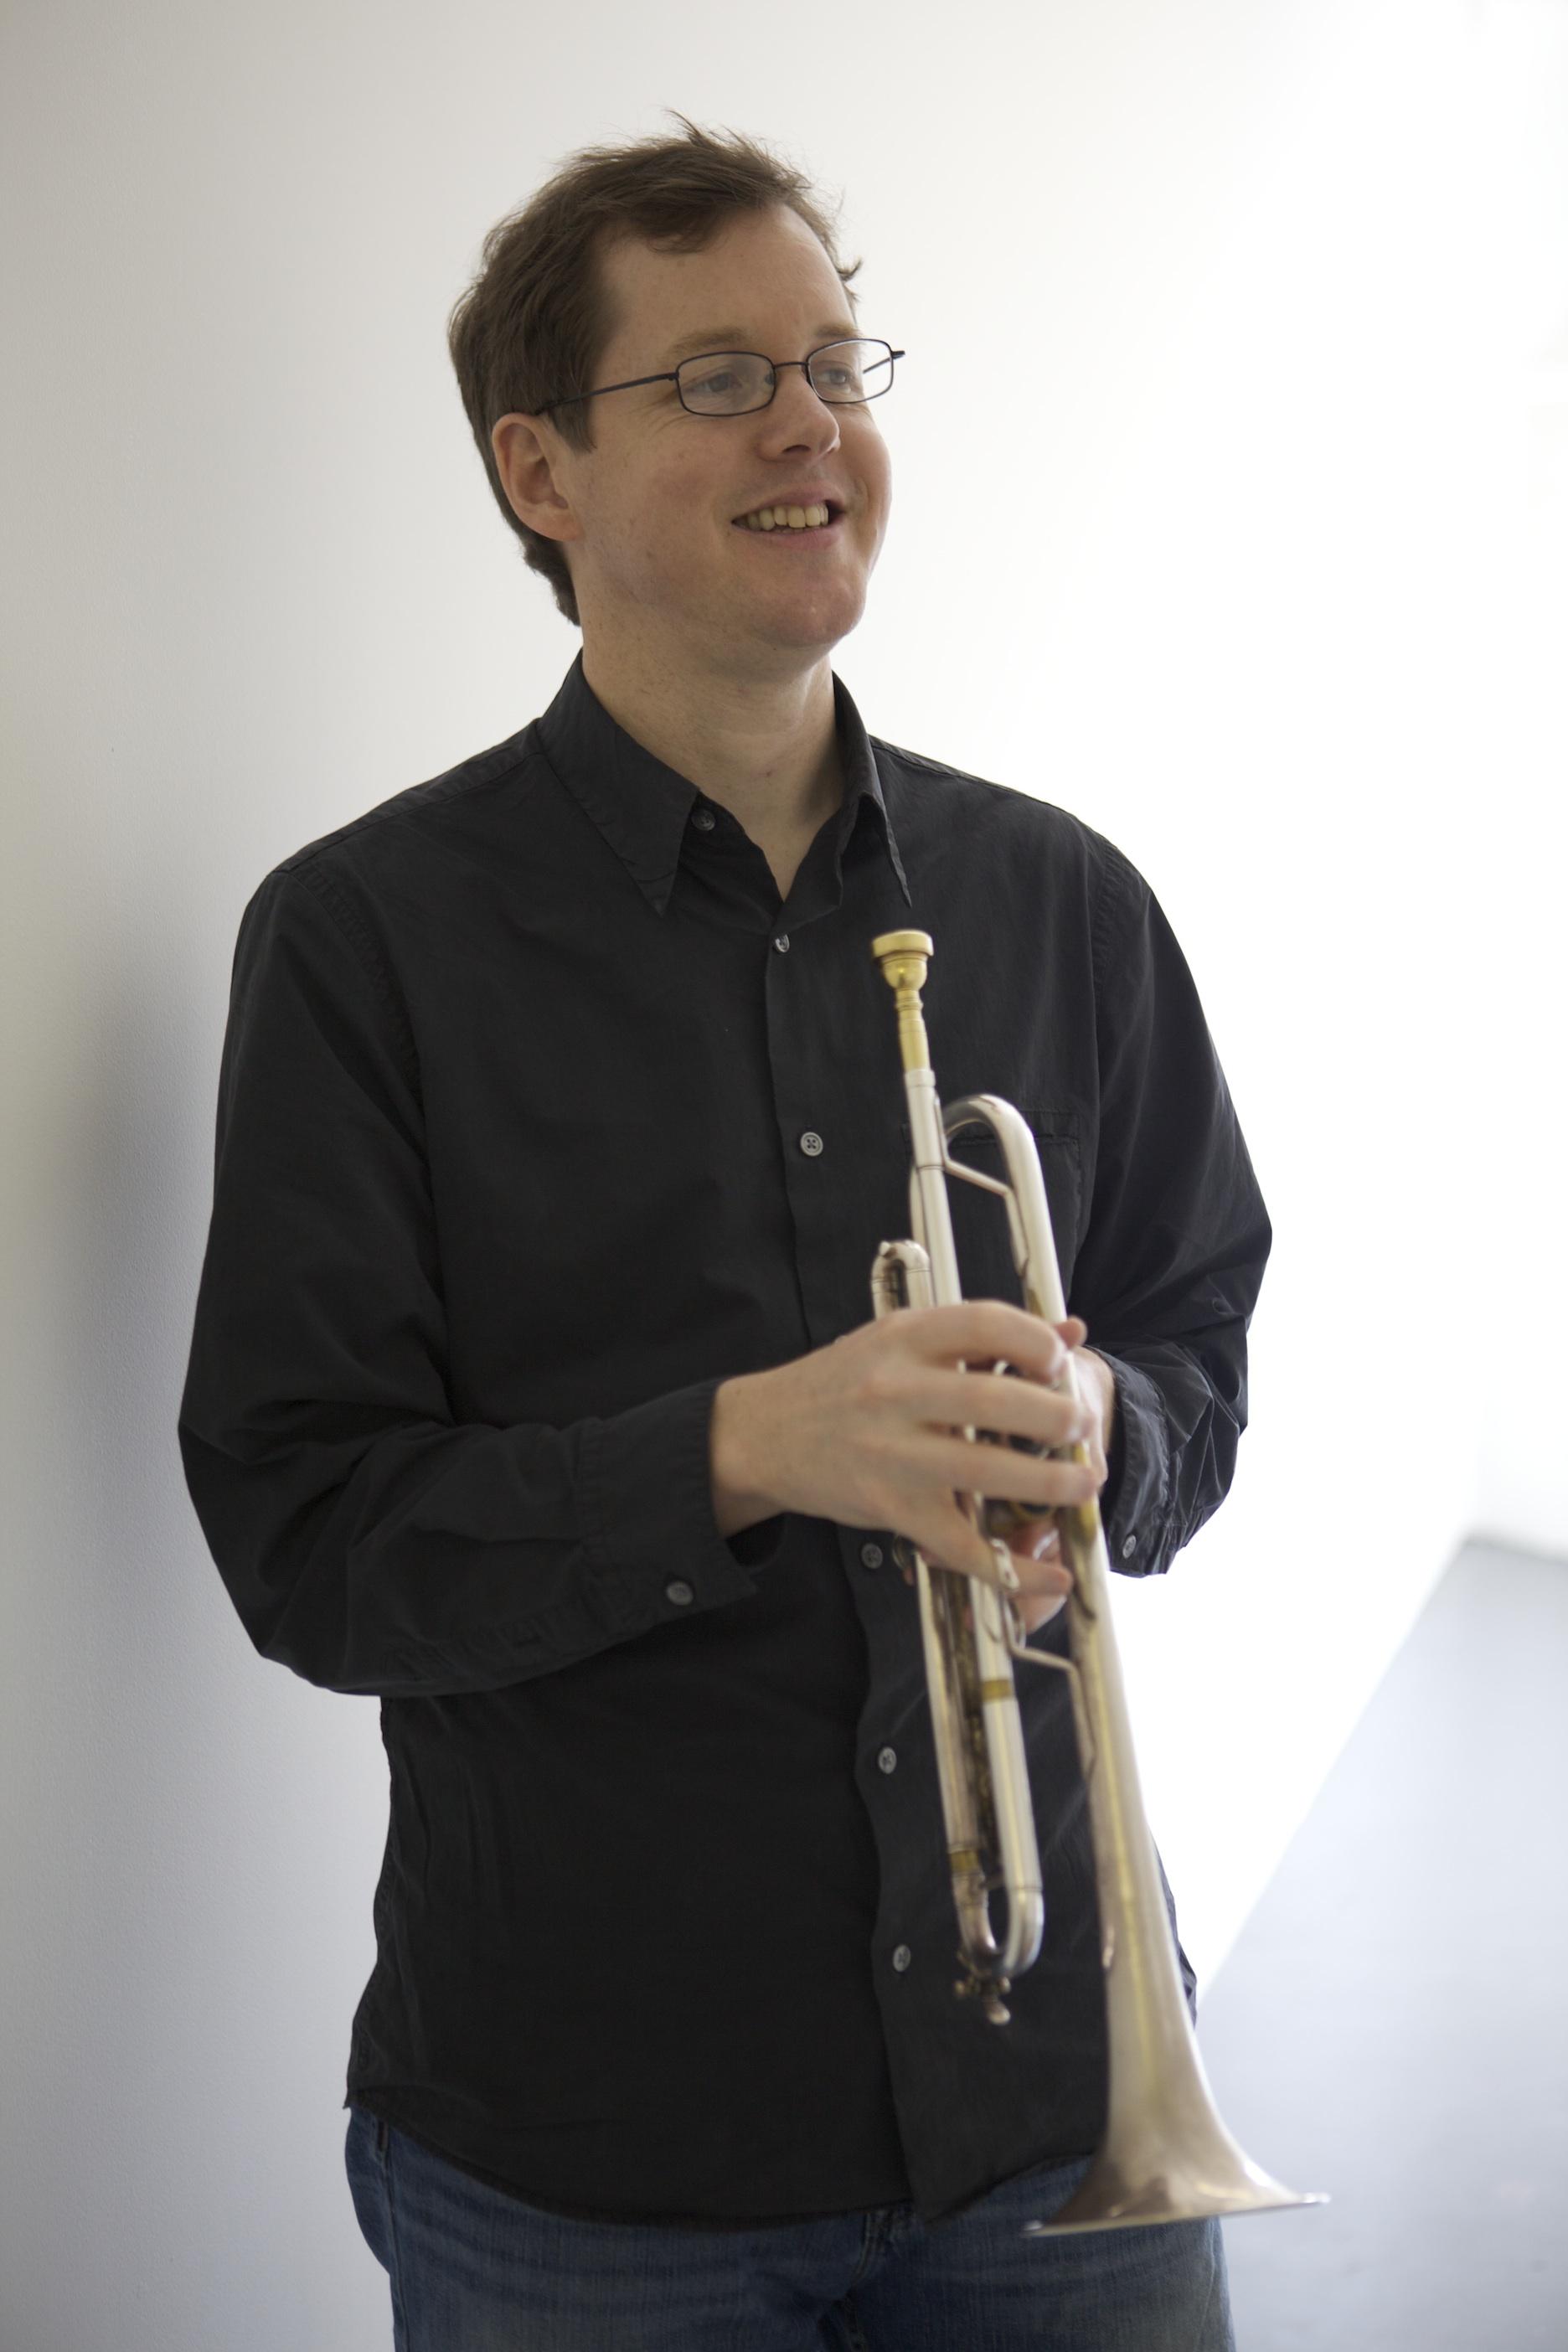 Erik Jekabson